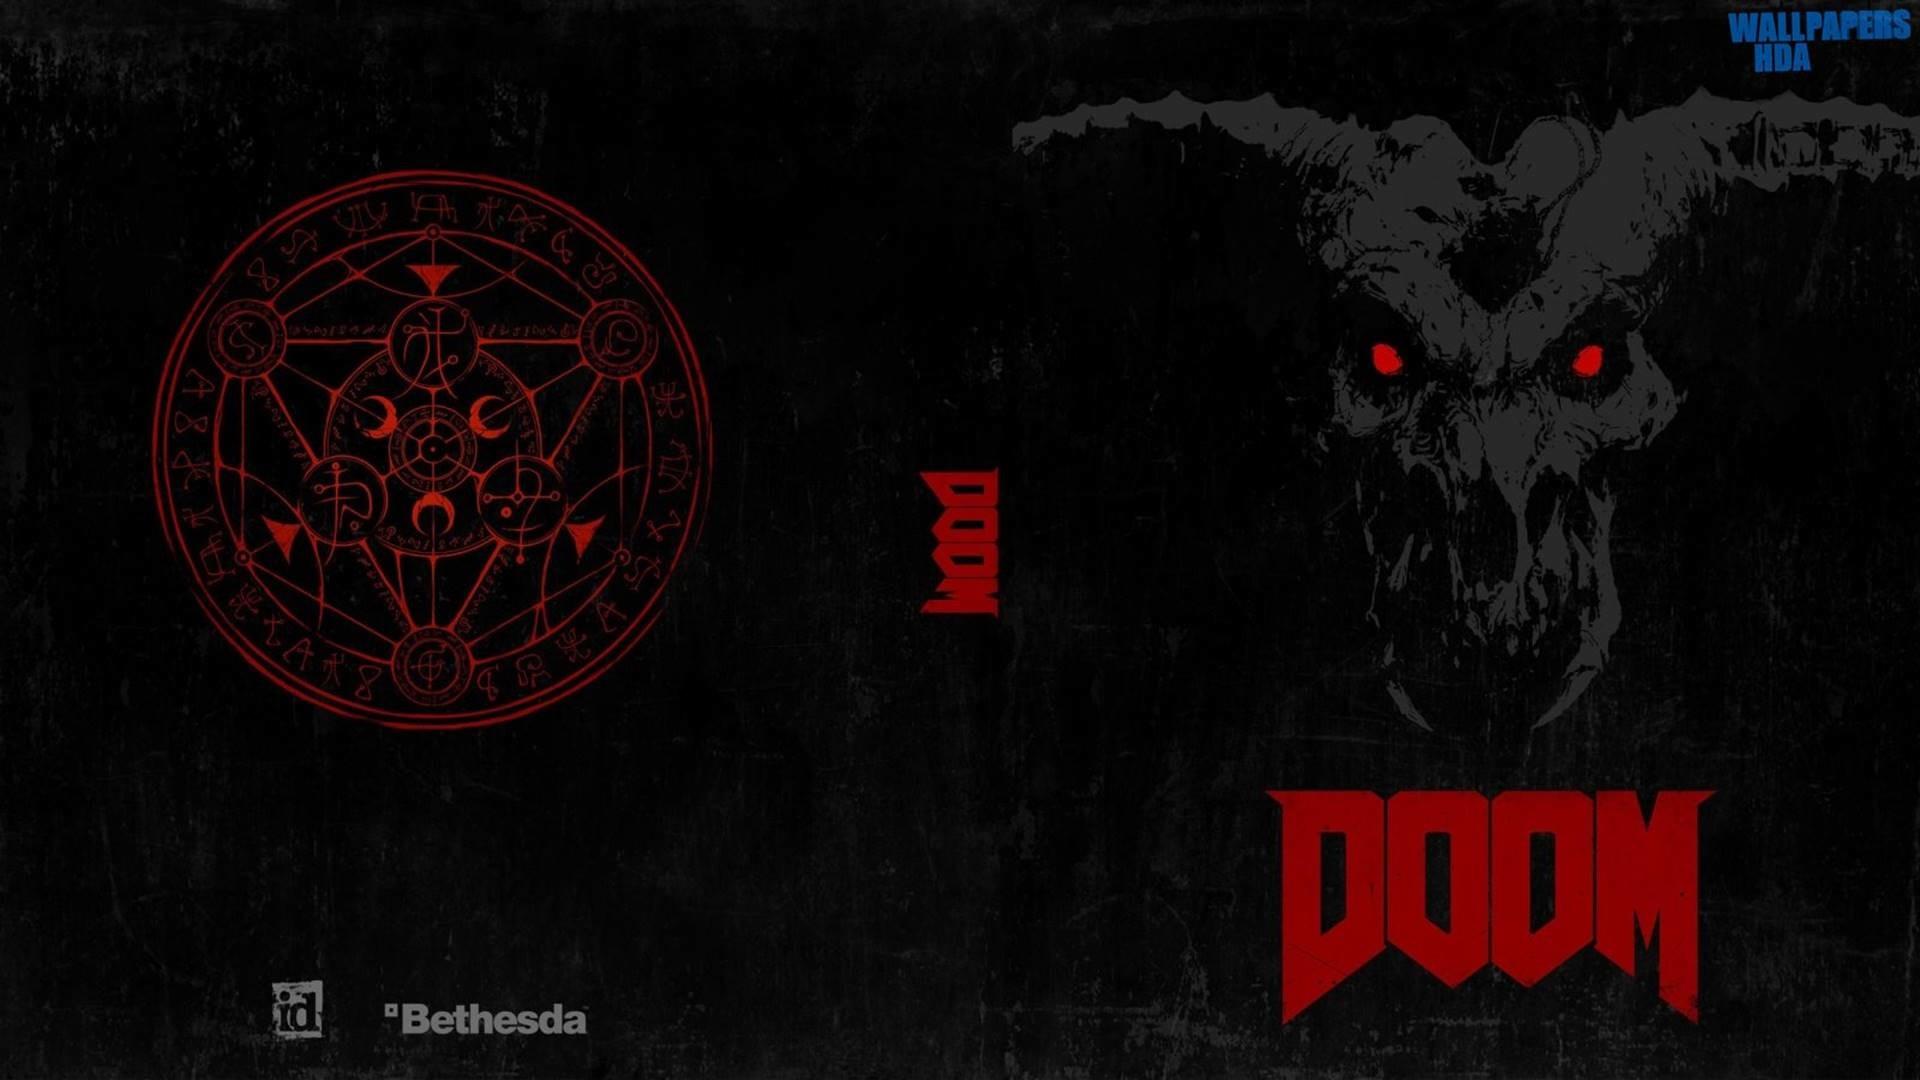 doom-4-2016-game-1920×1080